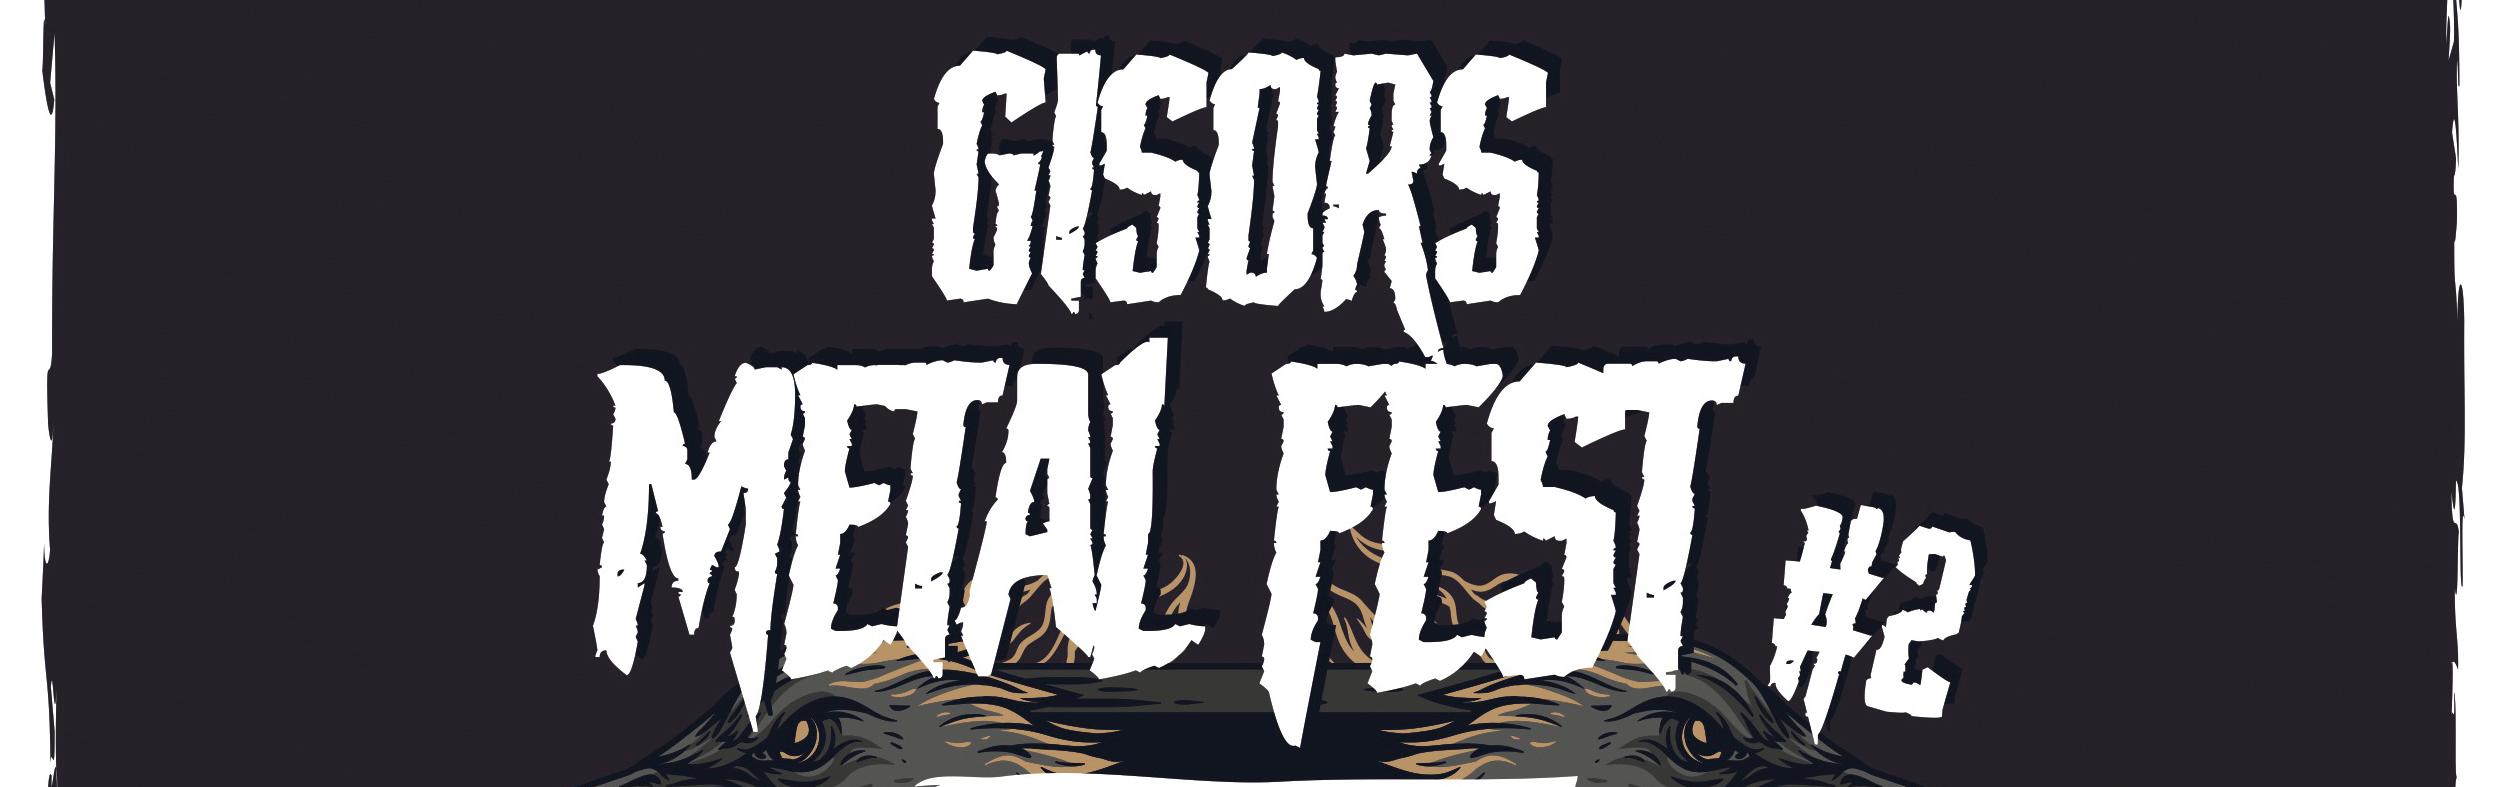 GISORS METAL FEST #2